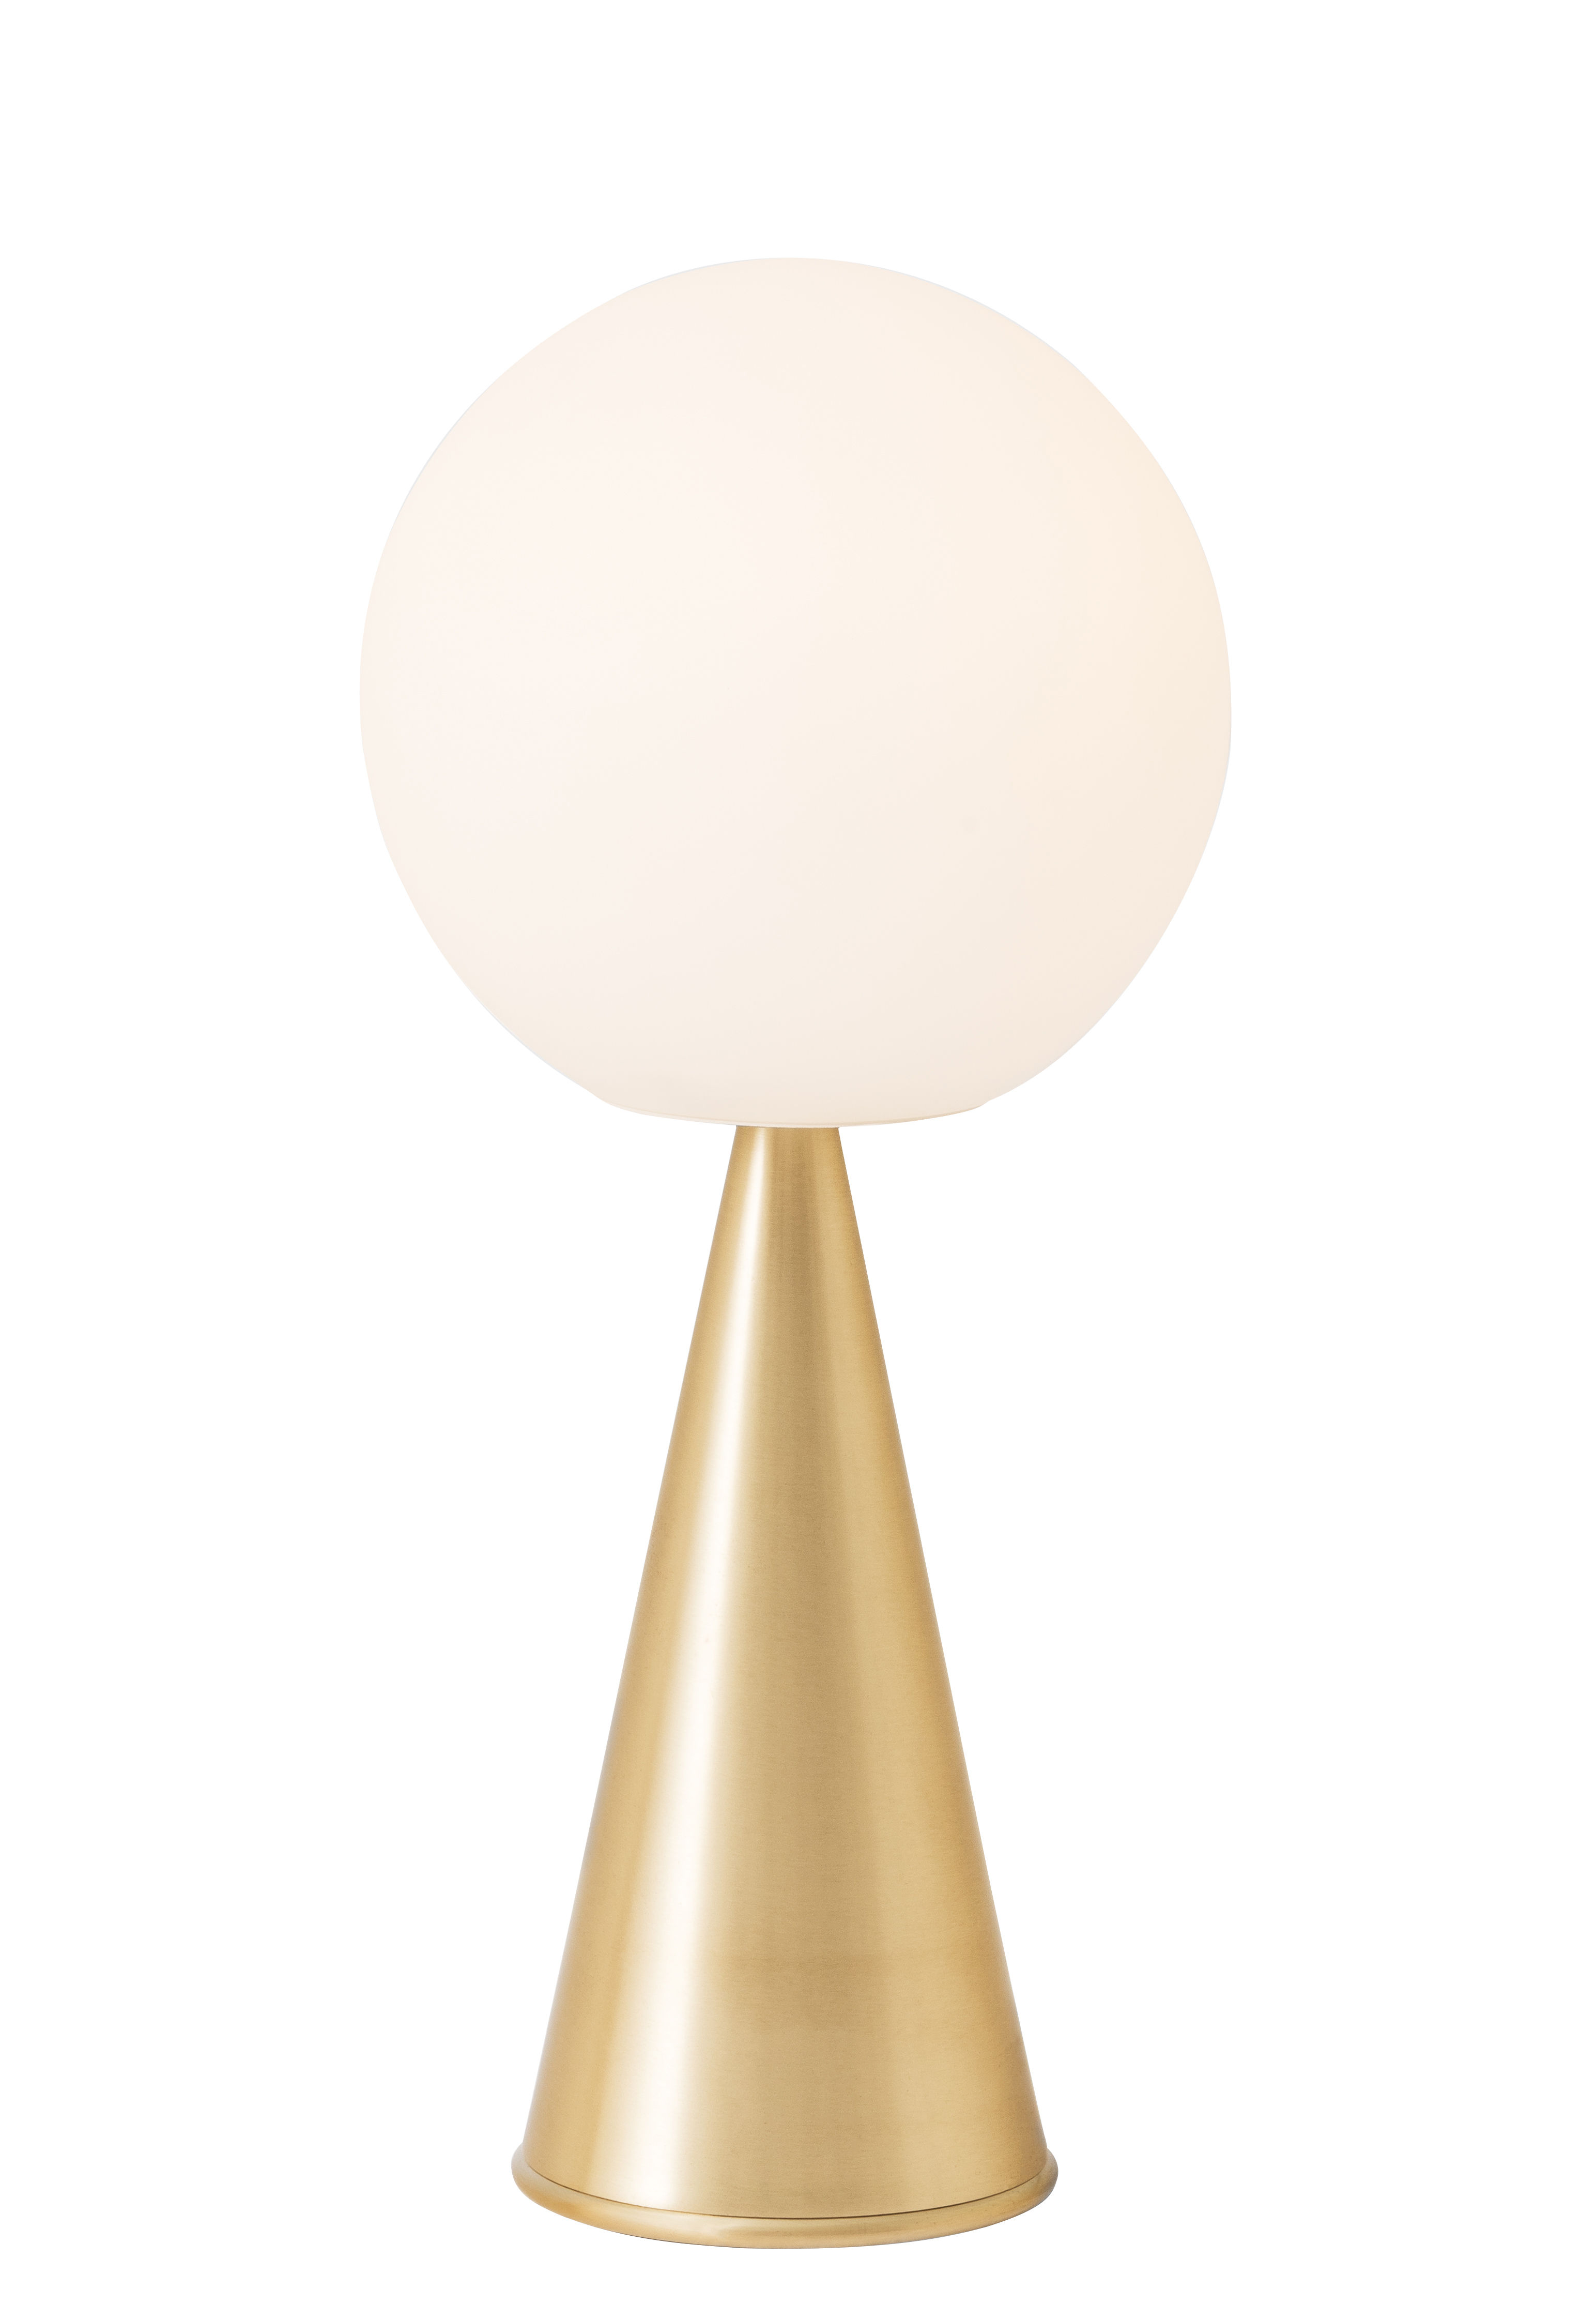 Illuminazione - Lampade da tavolo - Lampada da posa Bilia LED - / H 43 cm - By Gio Ponti (1932) di Fontana Arte - Ottone - , Metallo